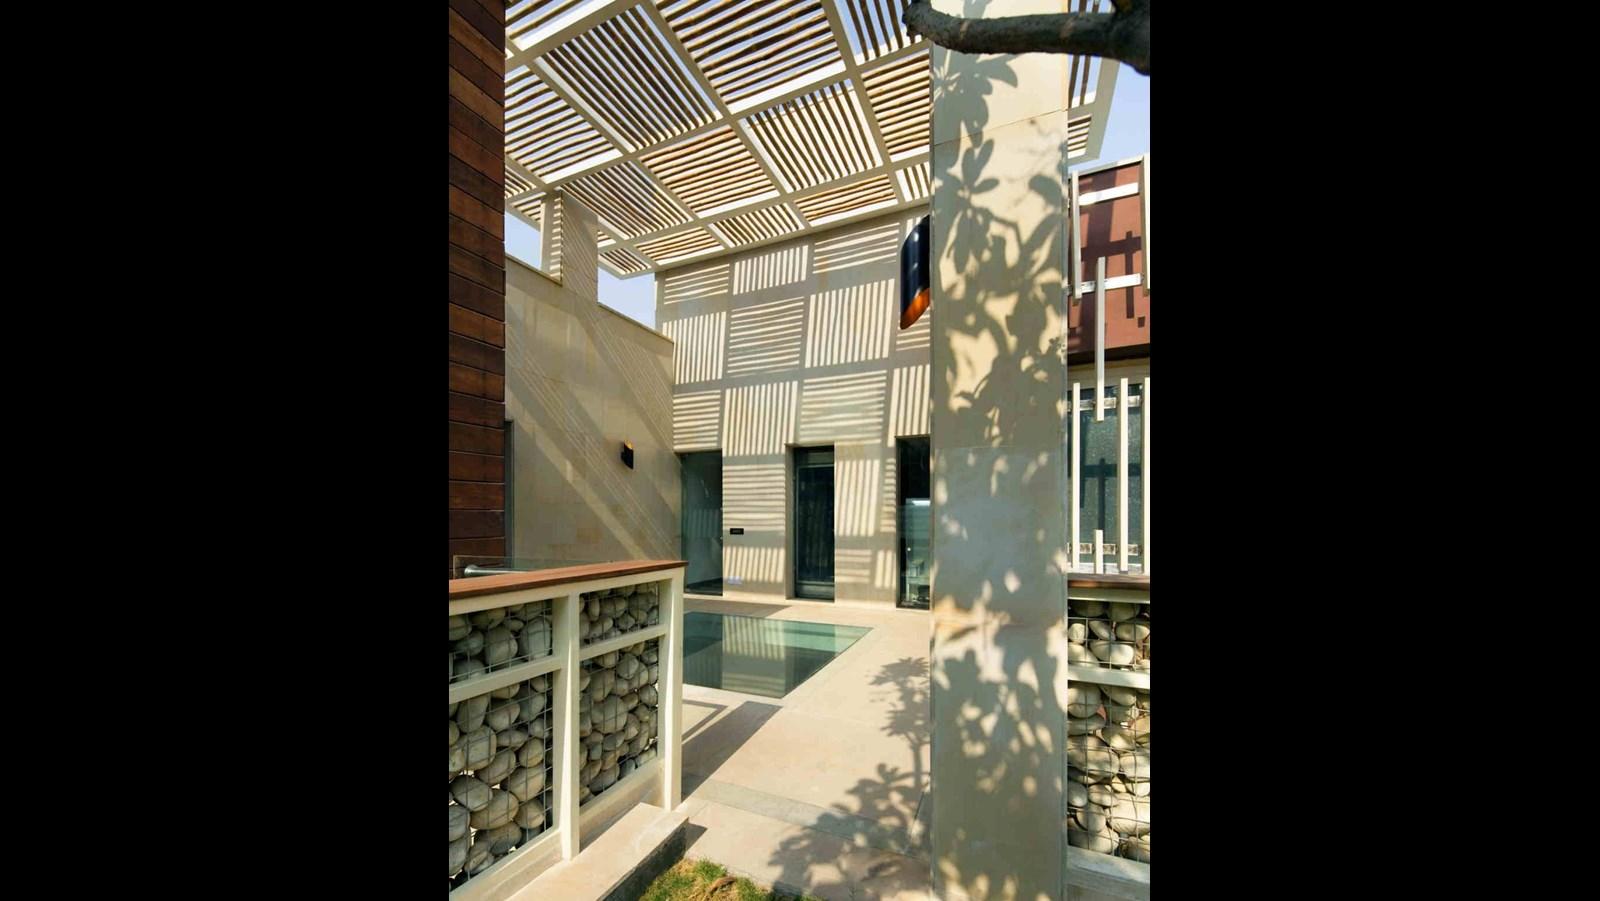 Mẫu nhà biệt thự phố hiện đại ấn tượng với nét đẹp kiến trúc hình khối - 6